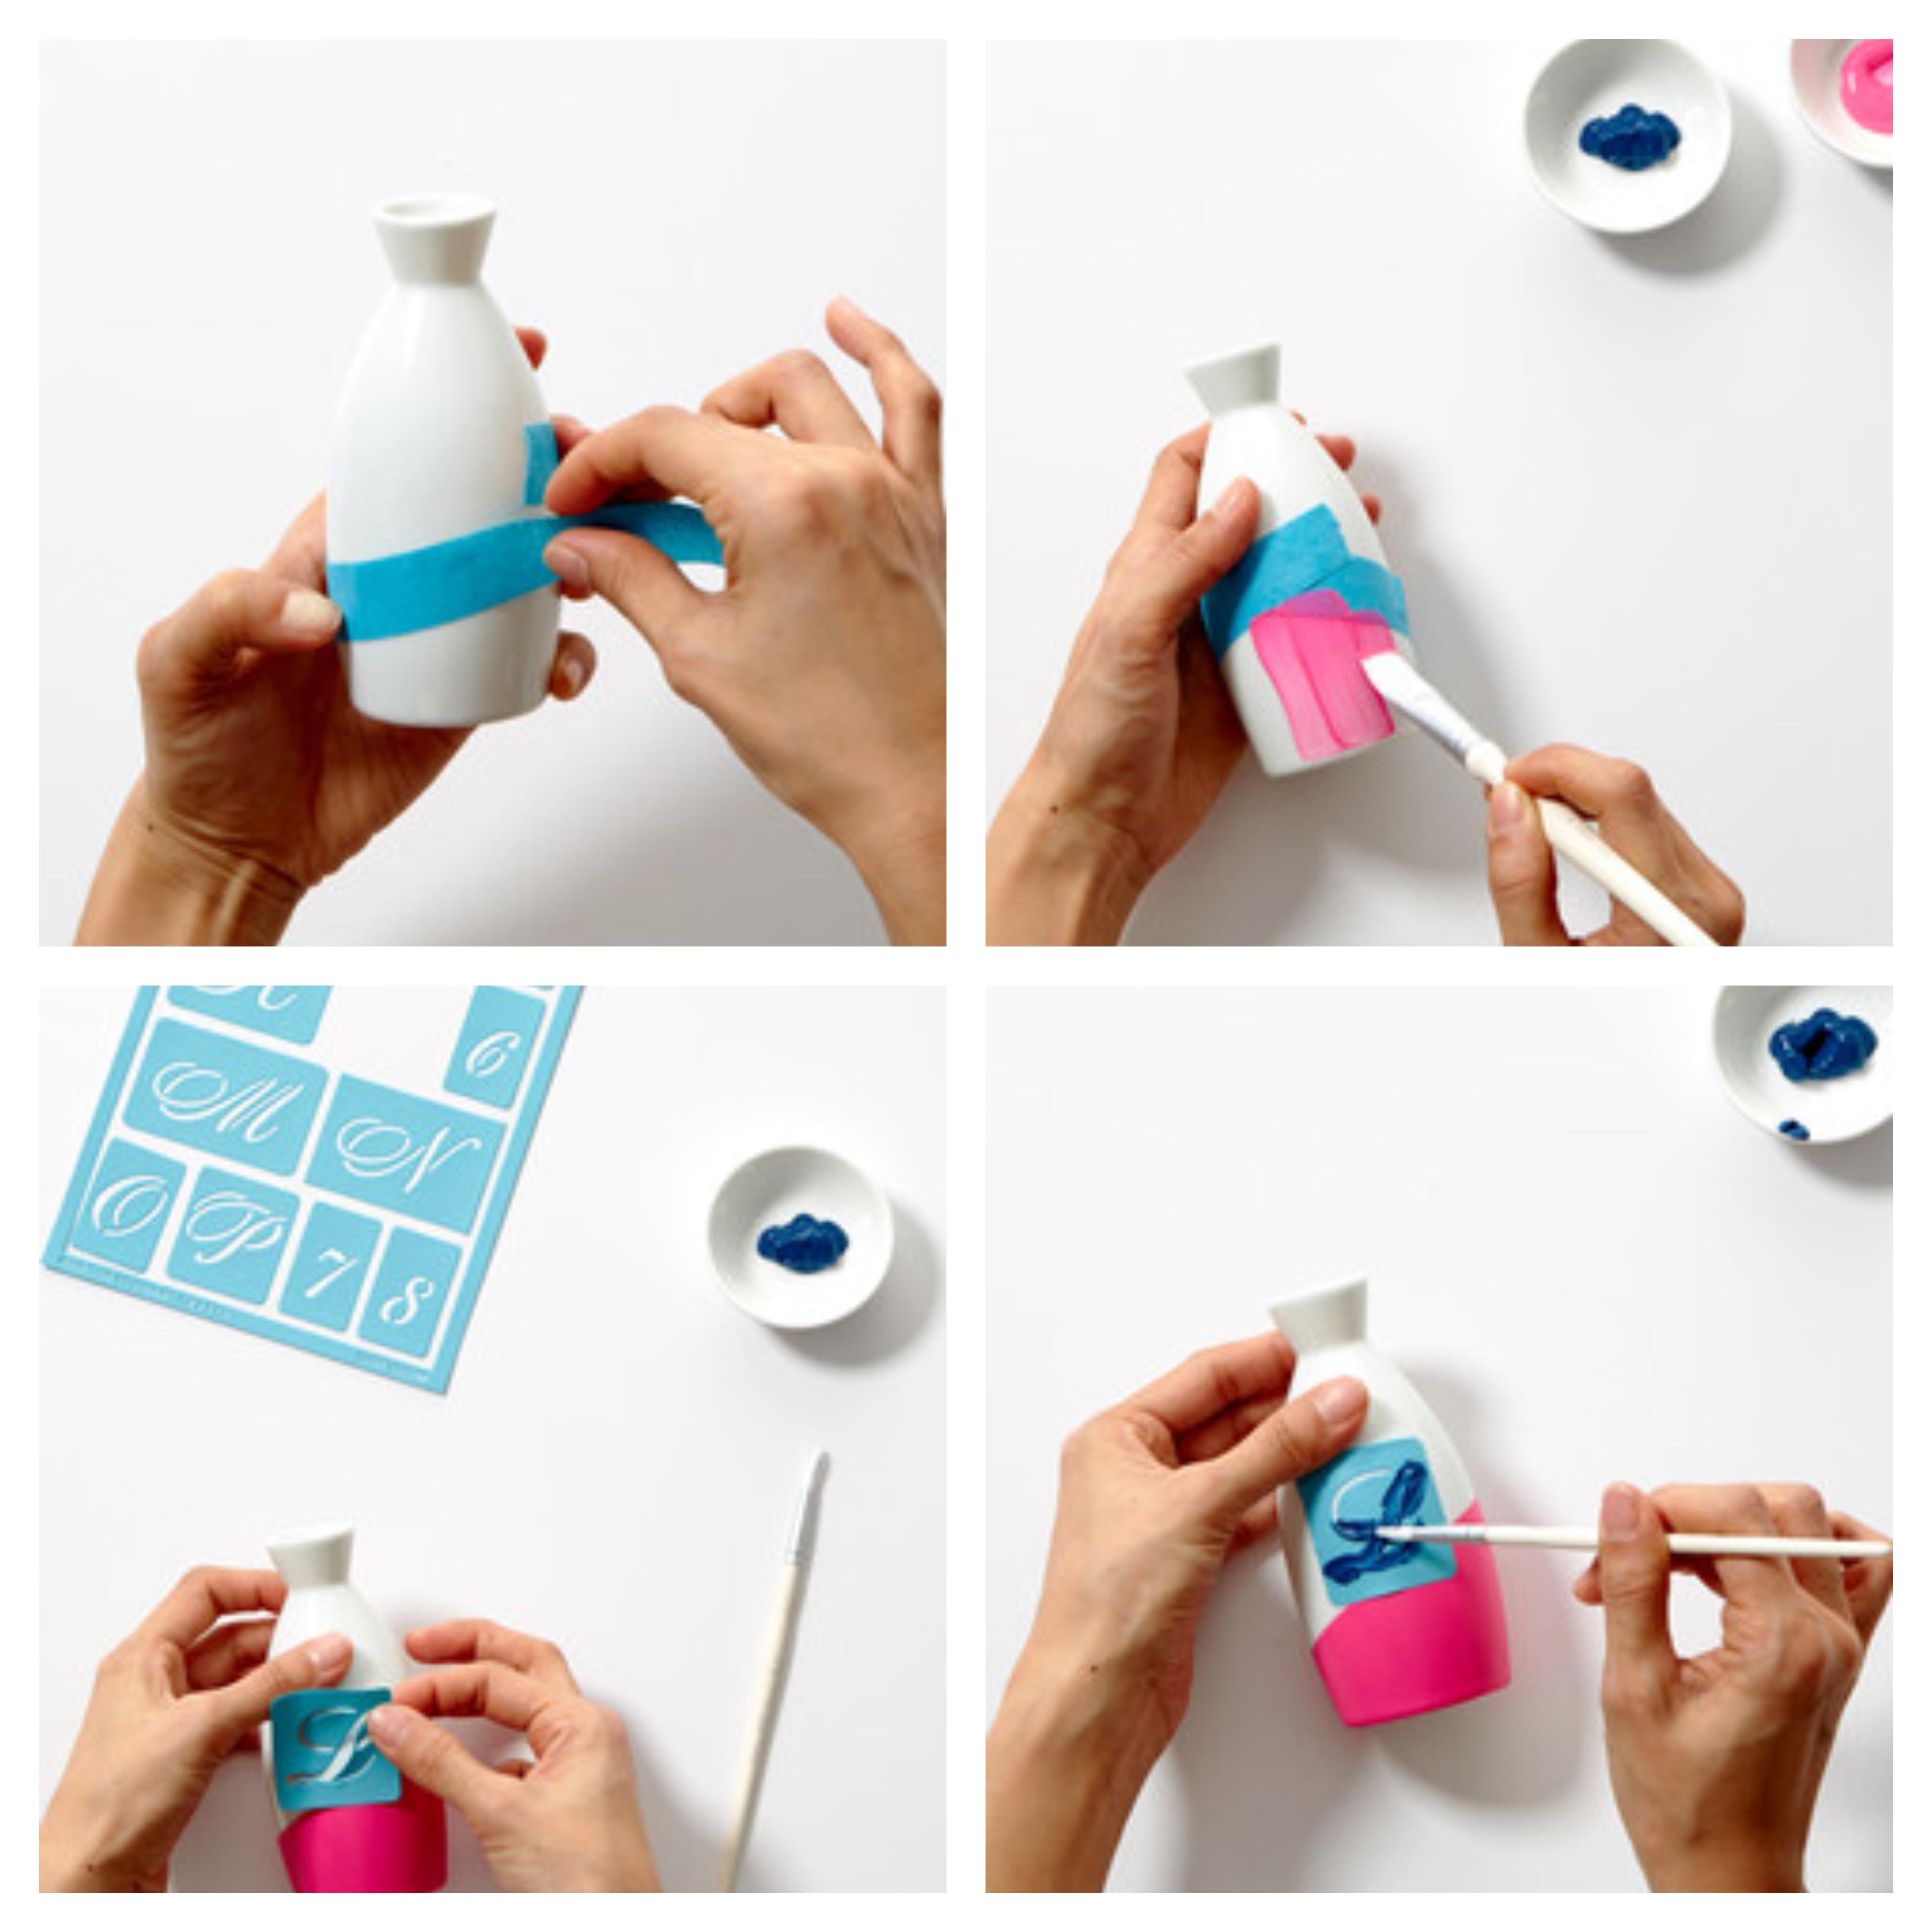 como hacer un jarron casero decorado con fieltro paso a paso, ideas de regalos san valentin hechos a mano